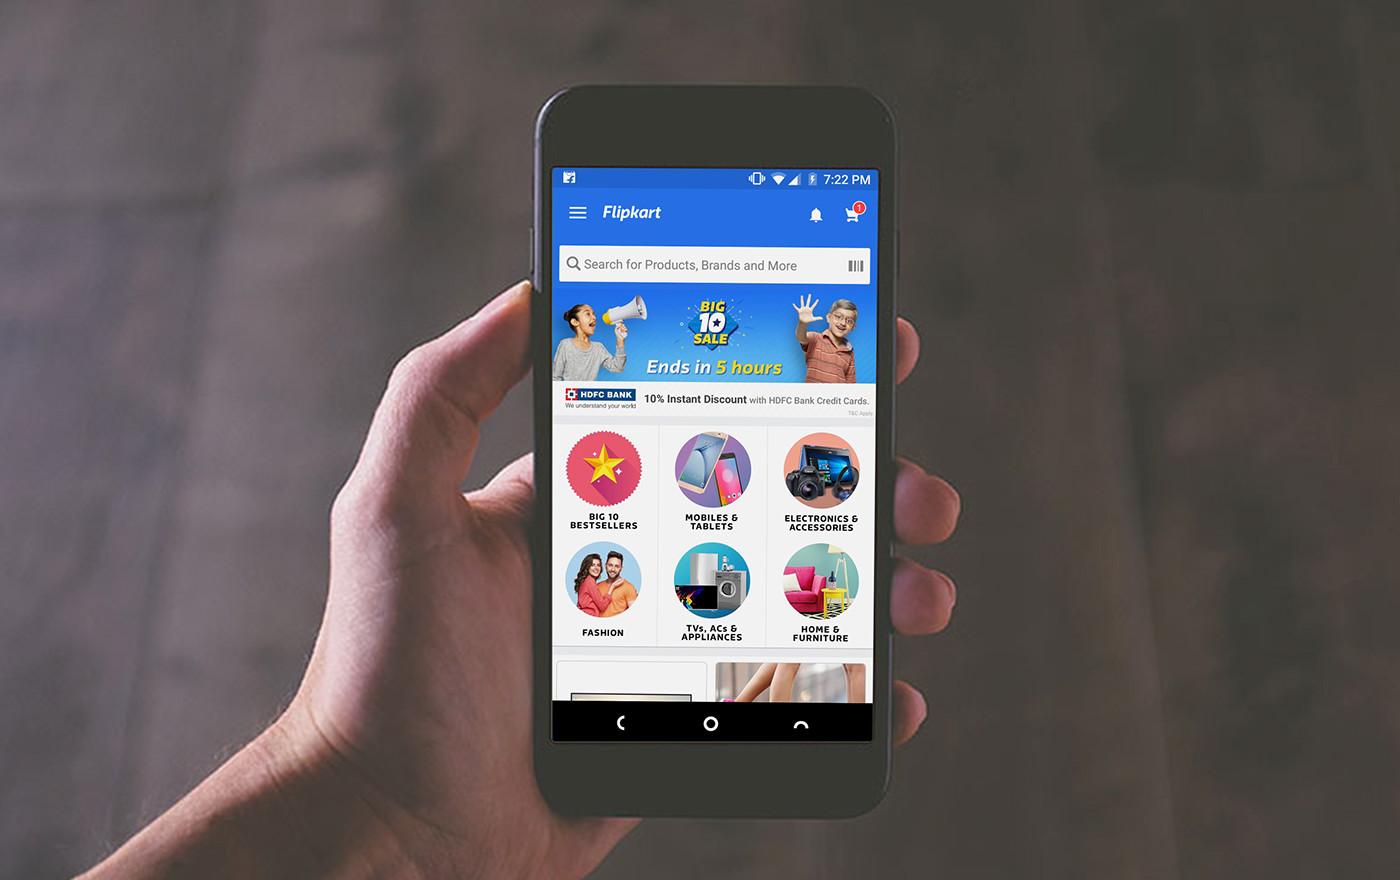 e-commerce Flipkart UI/UX Design Big10 Flipkart anniversary sale